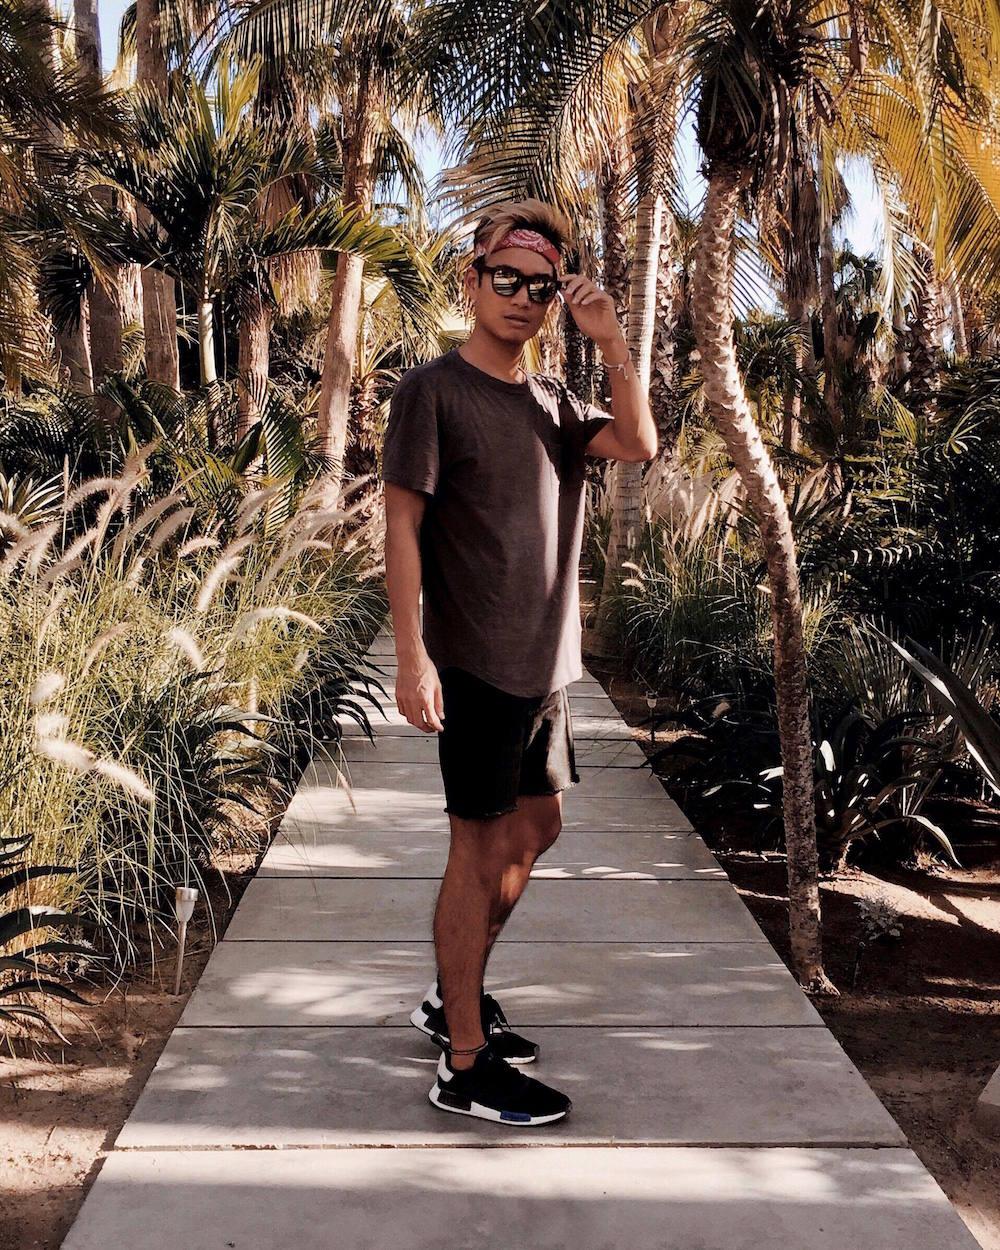 alexander-liang-travel-blog-cabo-mexico-23